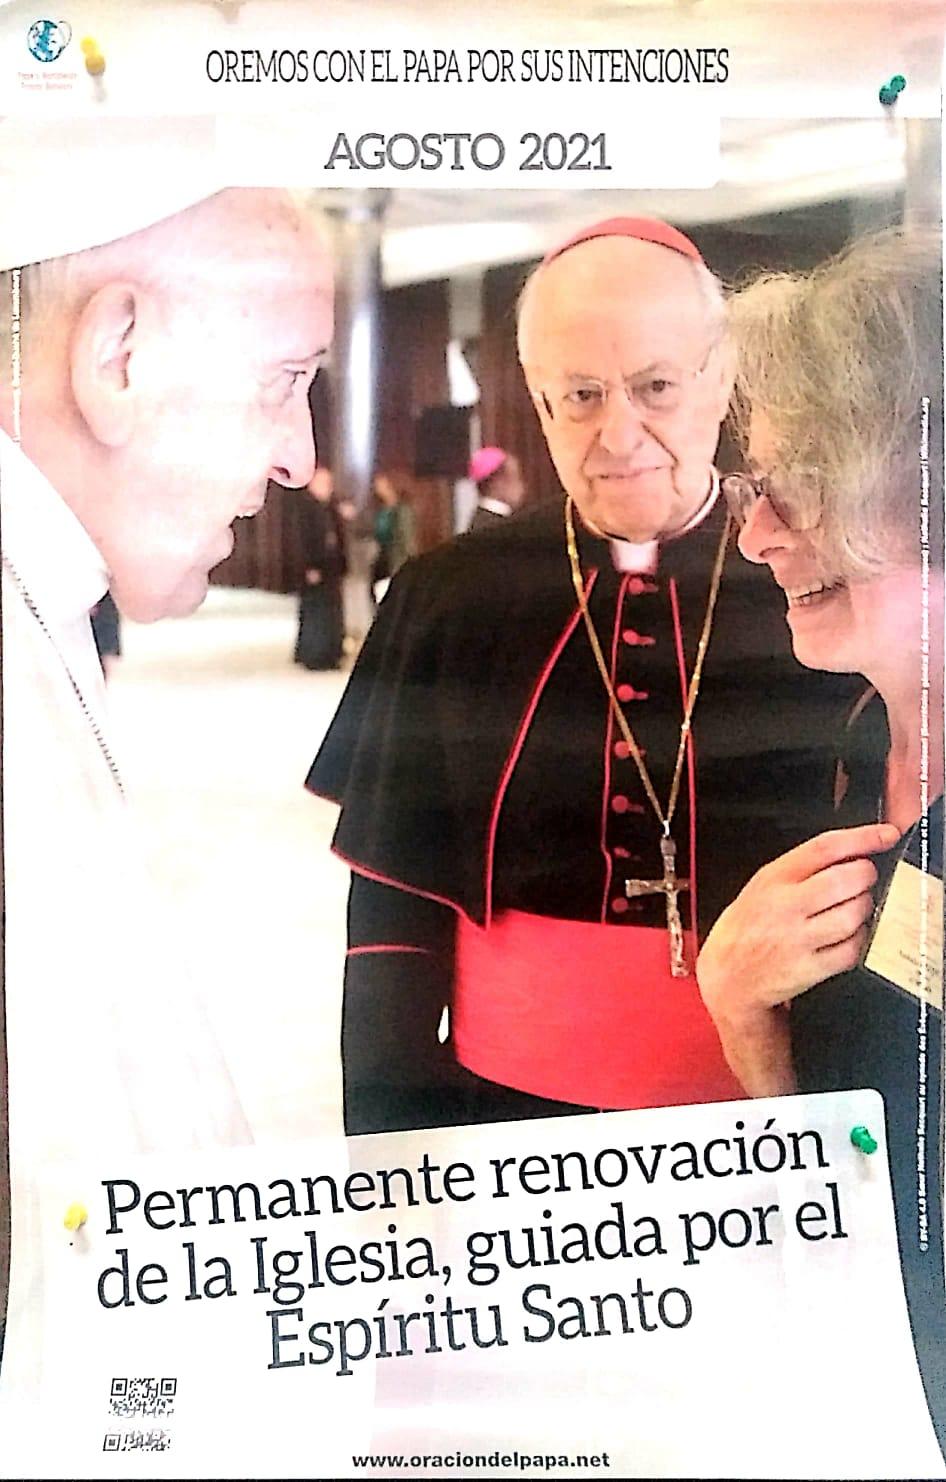 Oremos-con-el-papa-por-sus-intenciones-agosto-201@pmillanacyetano